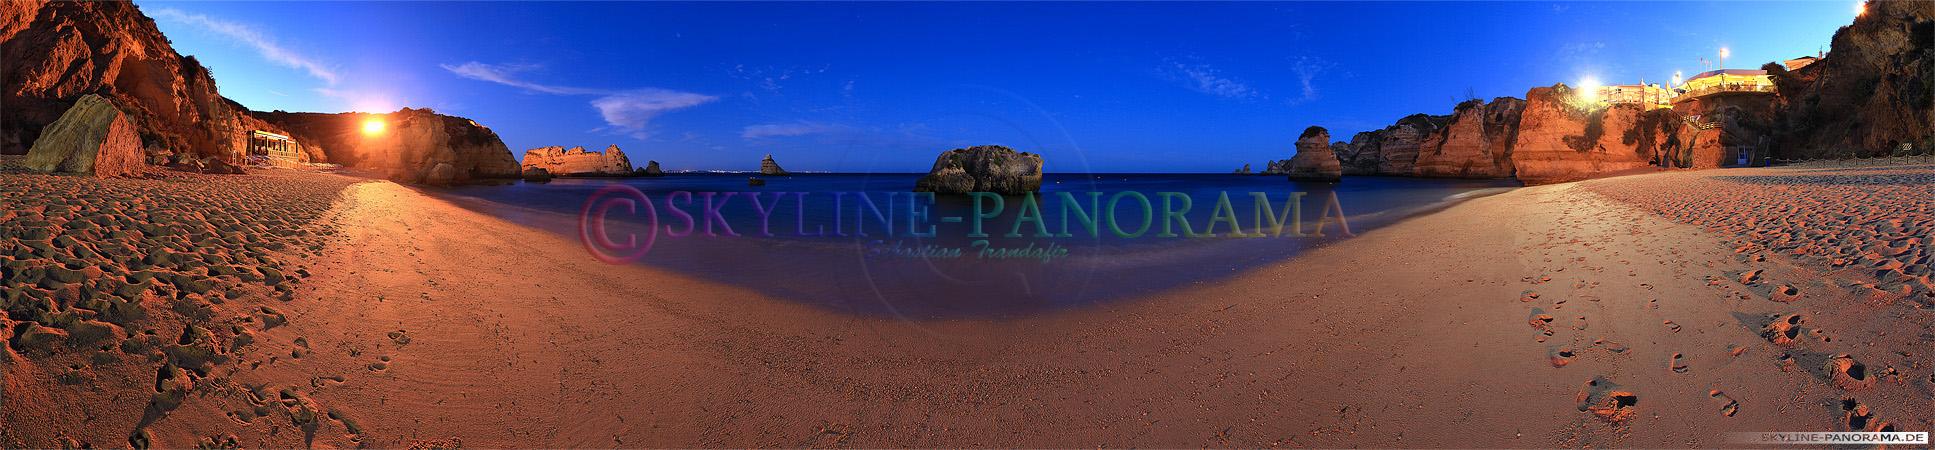 Portugal Bilder Algarve - Praia Donna Ana, ein schön gelegener Sandstrand bei Lagos nach Sonnenuntergang.